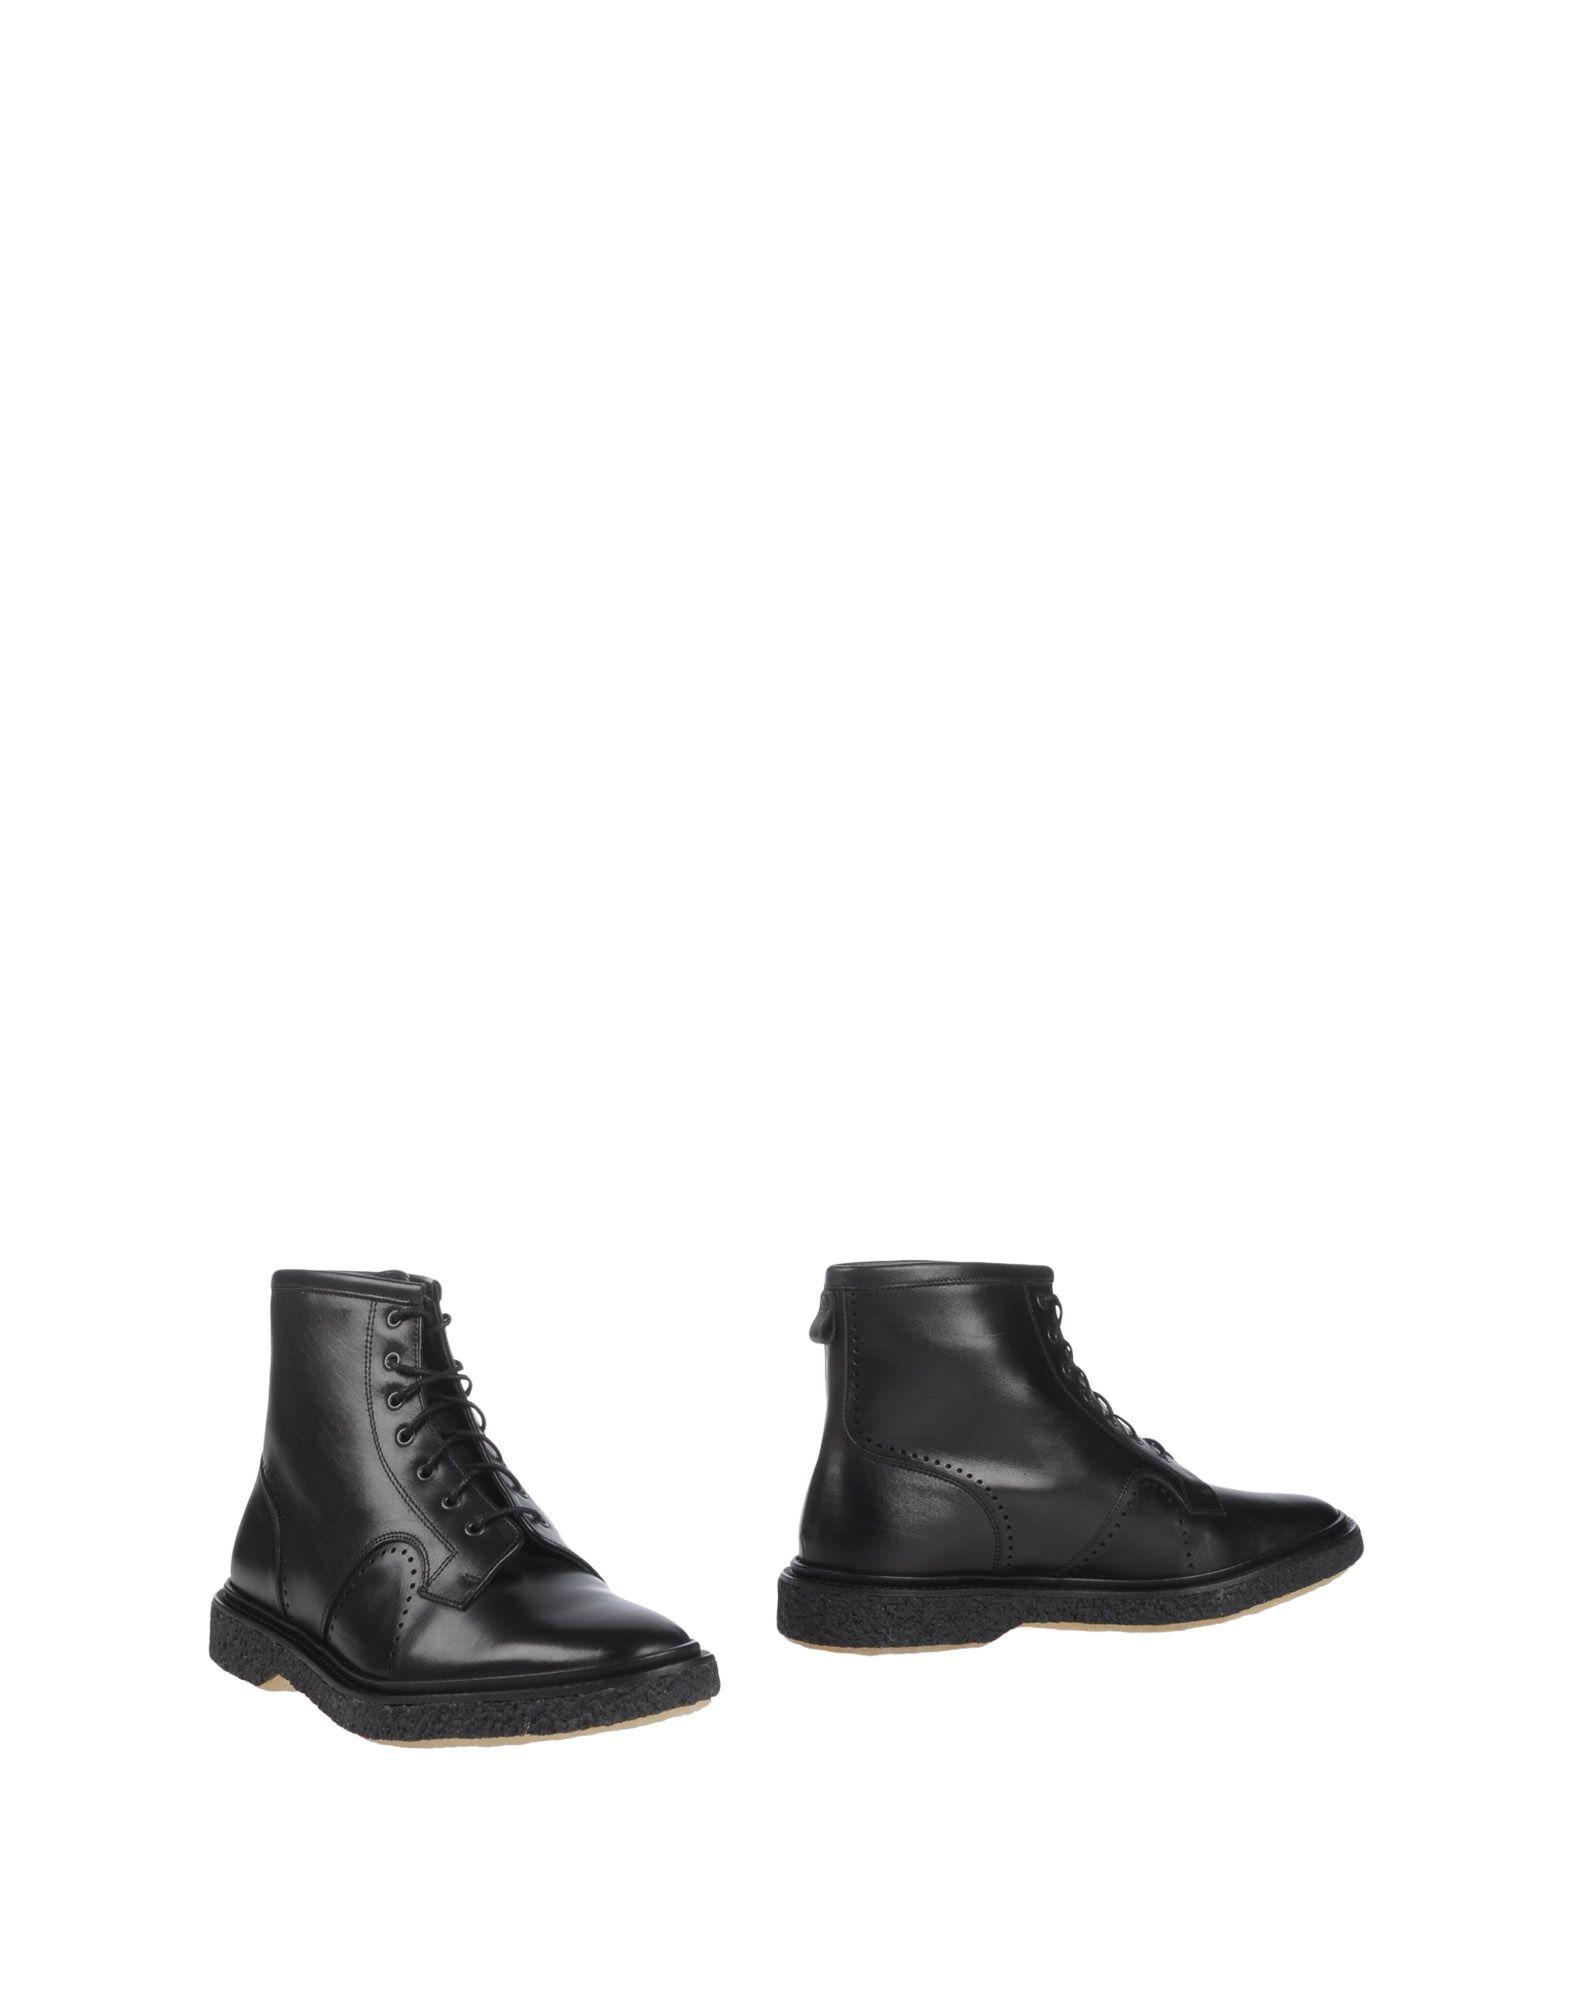 Adieu Stiefelette Herren  44995305TF 44995305TF  Gute Qualität beliebte Schuhe c54919